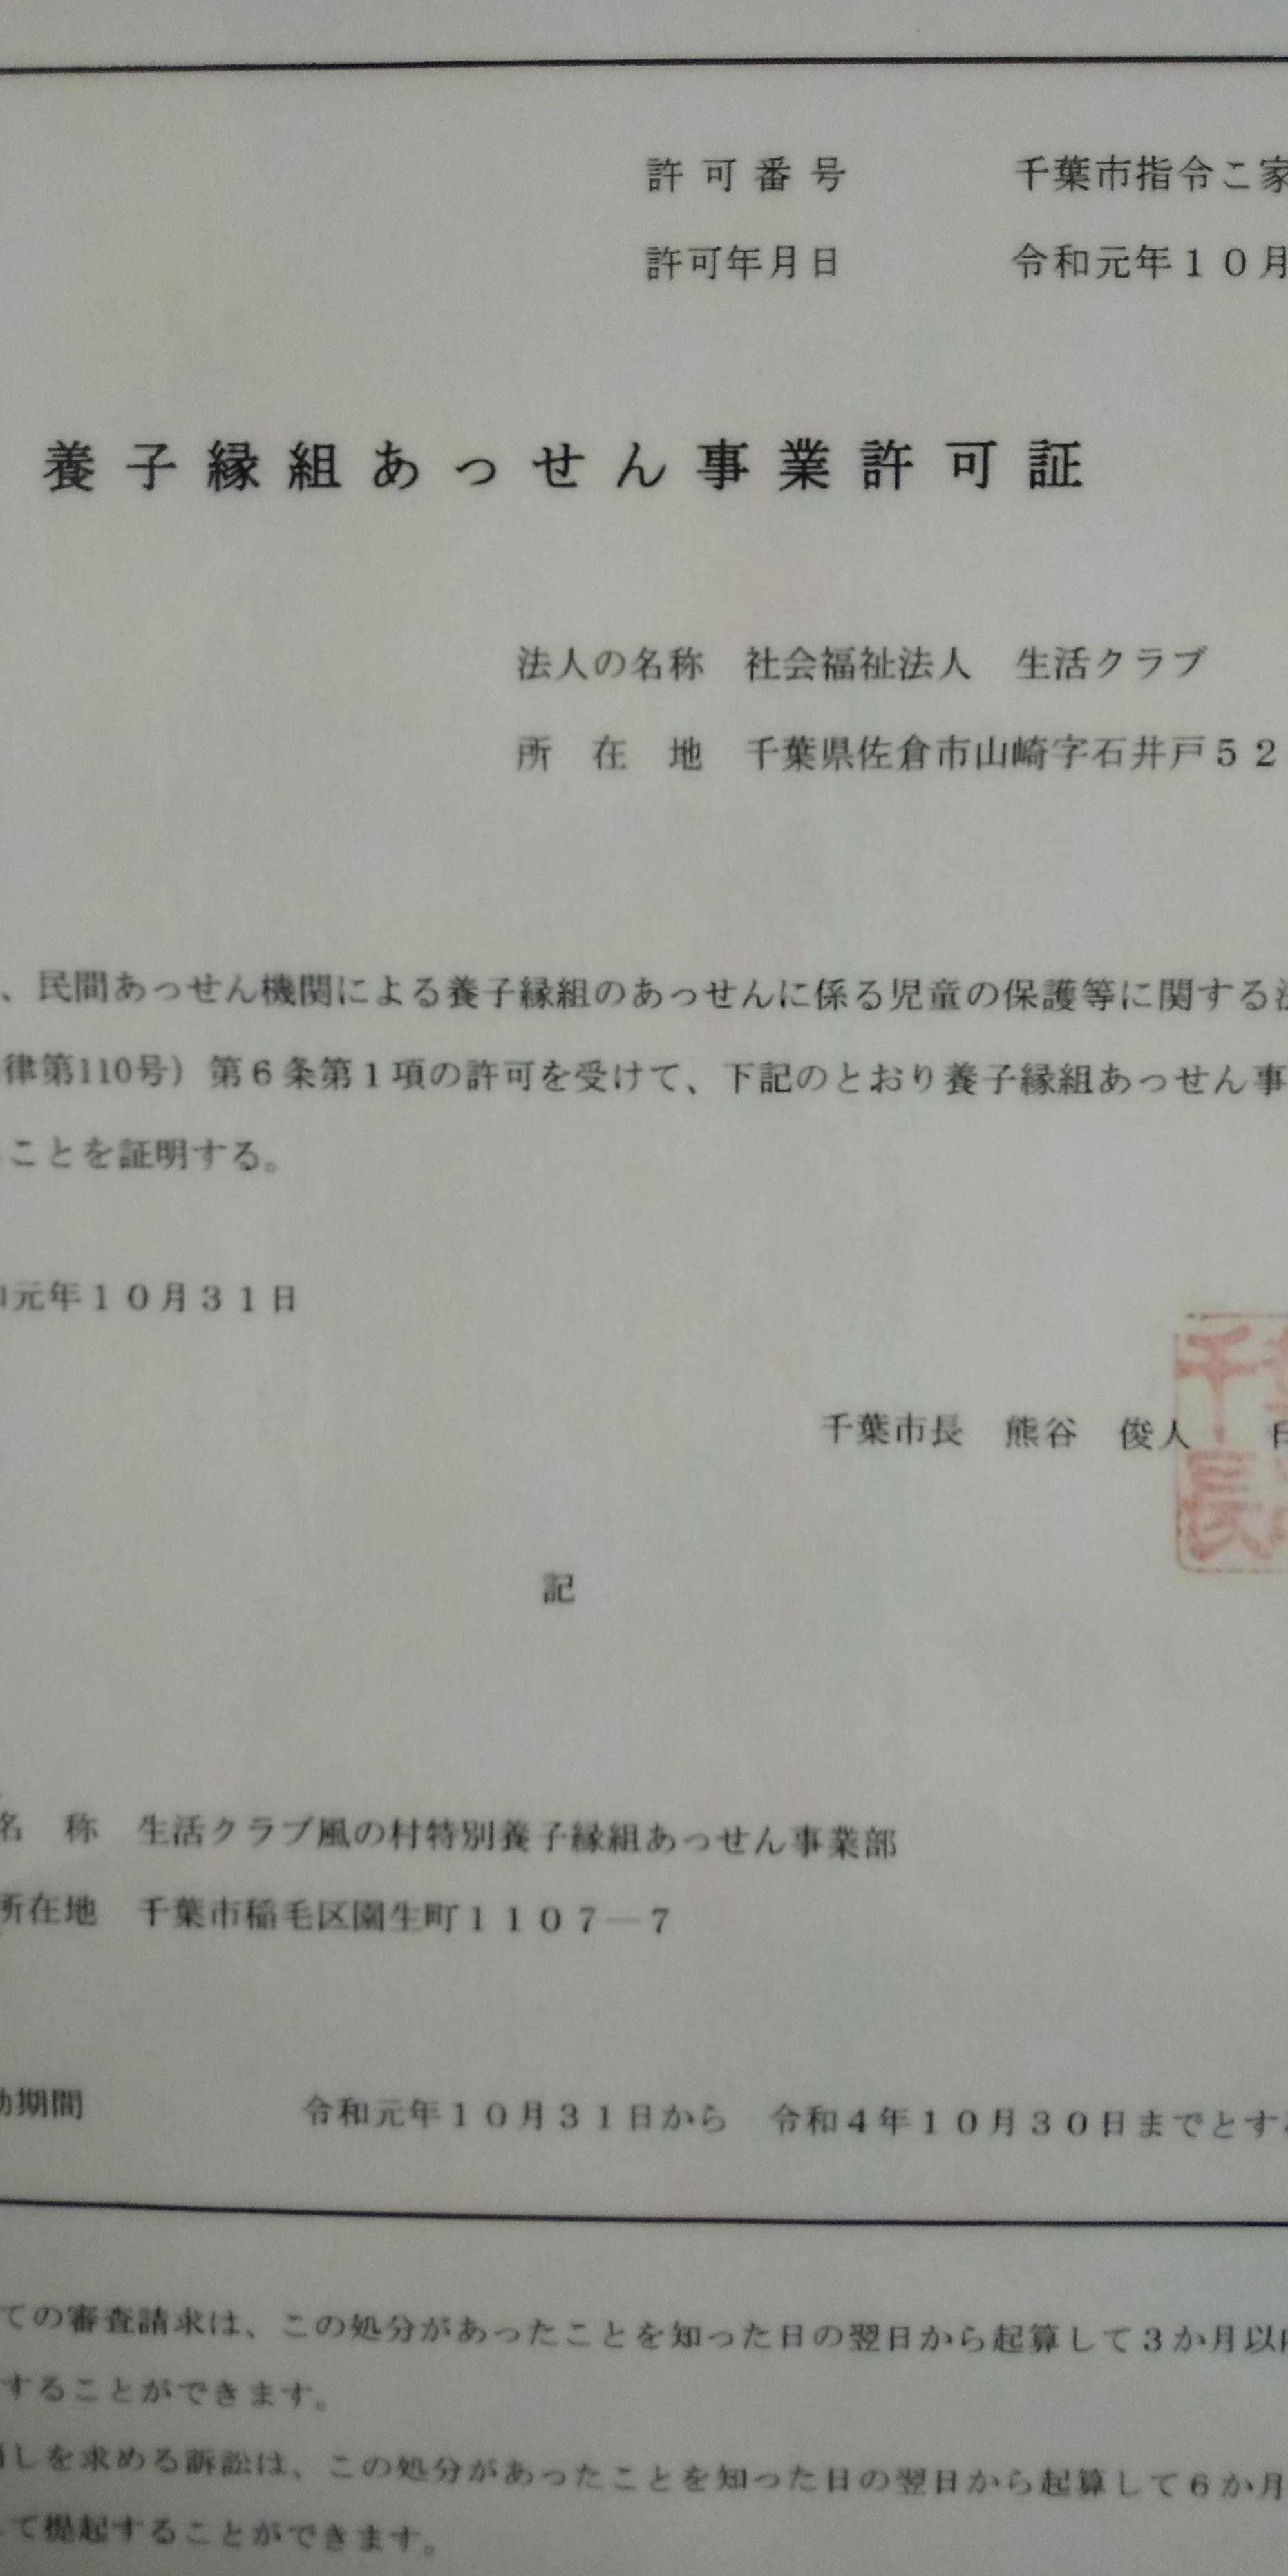 特別養子縁組あっせん事業が千葉市より許可されました。